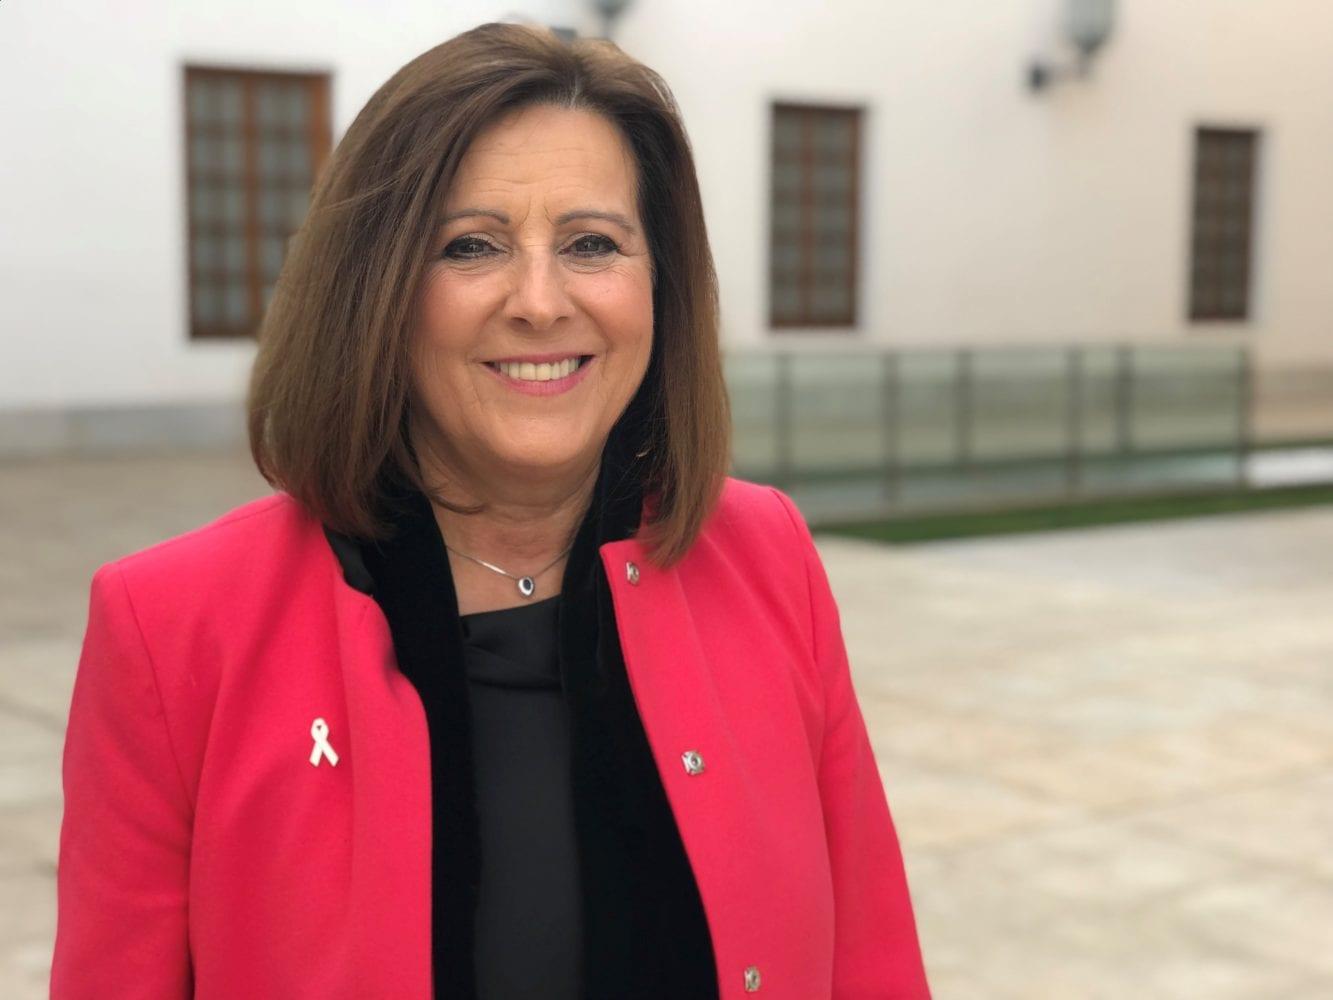 María José Sánchez Rubio Consejera de Igualdad y Políticas Sociales de la Junta de Andalucía